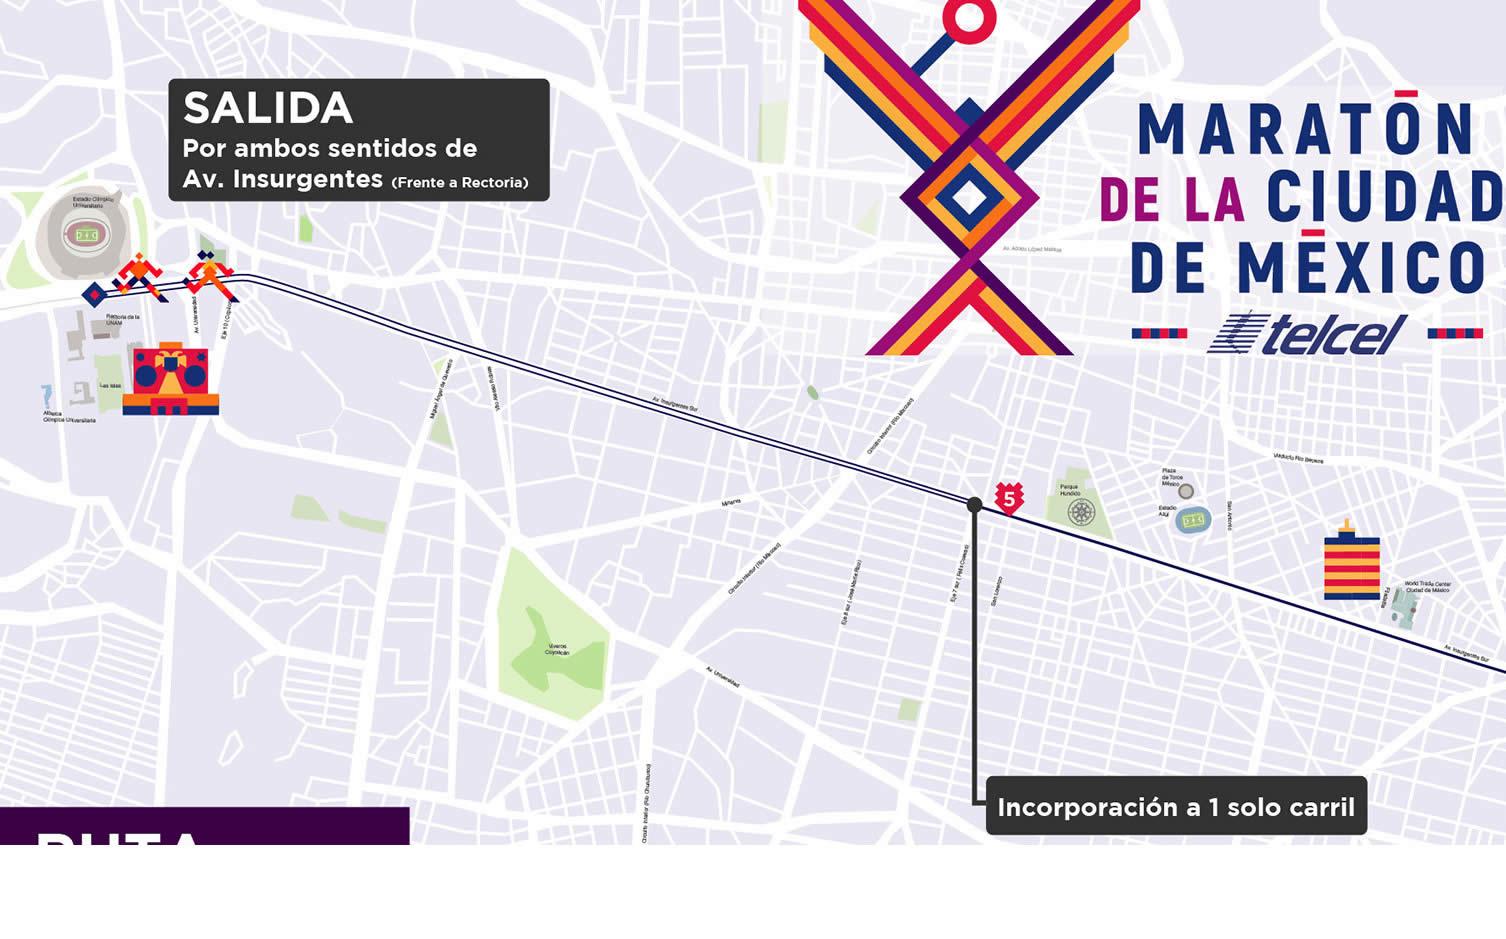 1 ruta maratón de la ciudad de México hasta kilómetro 5